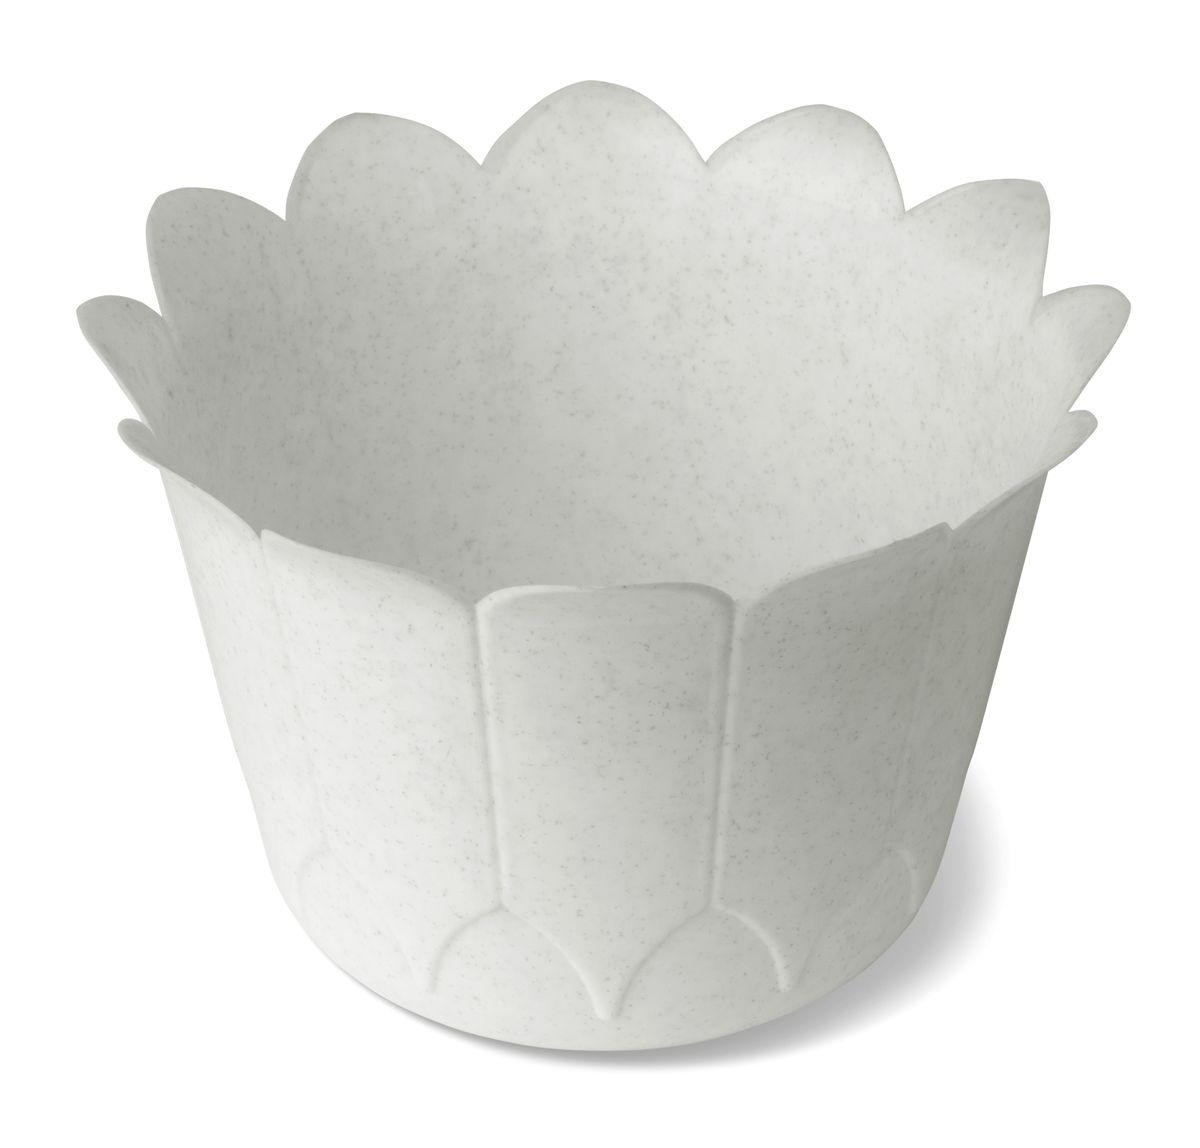 Кашпо Martika Ромашка, диаметр 15 смMRC81Пластиковое изделие для дома, соответствующее всем необходимым санитарным нормам и стандартам качества. Изготовлено для цветоводства и растениеводства. Рекомендуется для выращивания растений дома и на приусадебных участках.